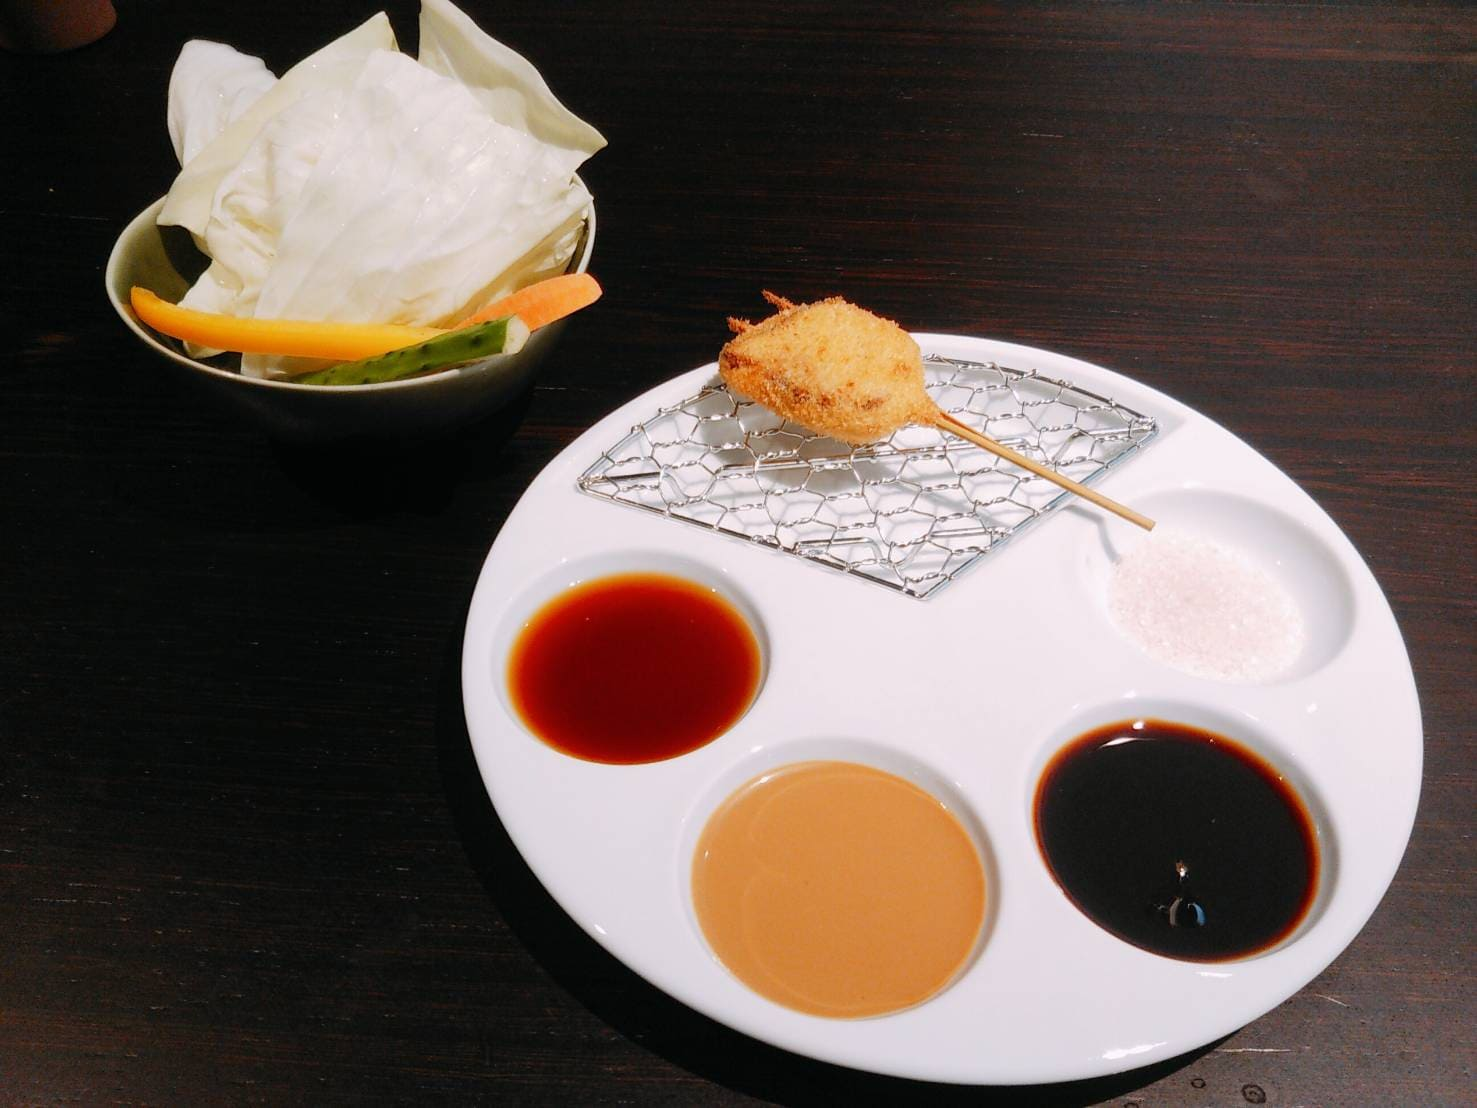 串揚げ(鰹のたたき) サラダと 漬けダレと塩